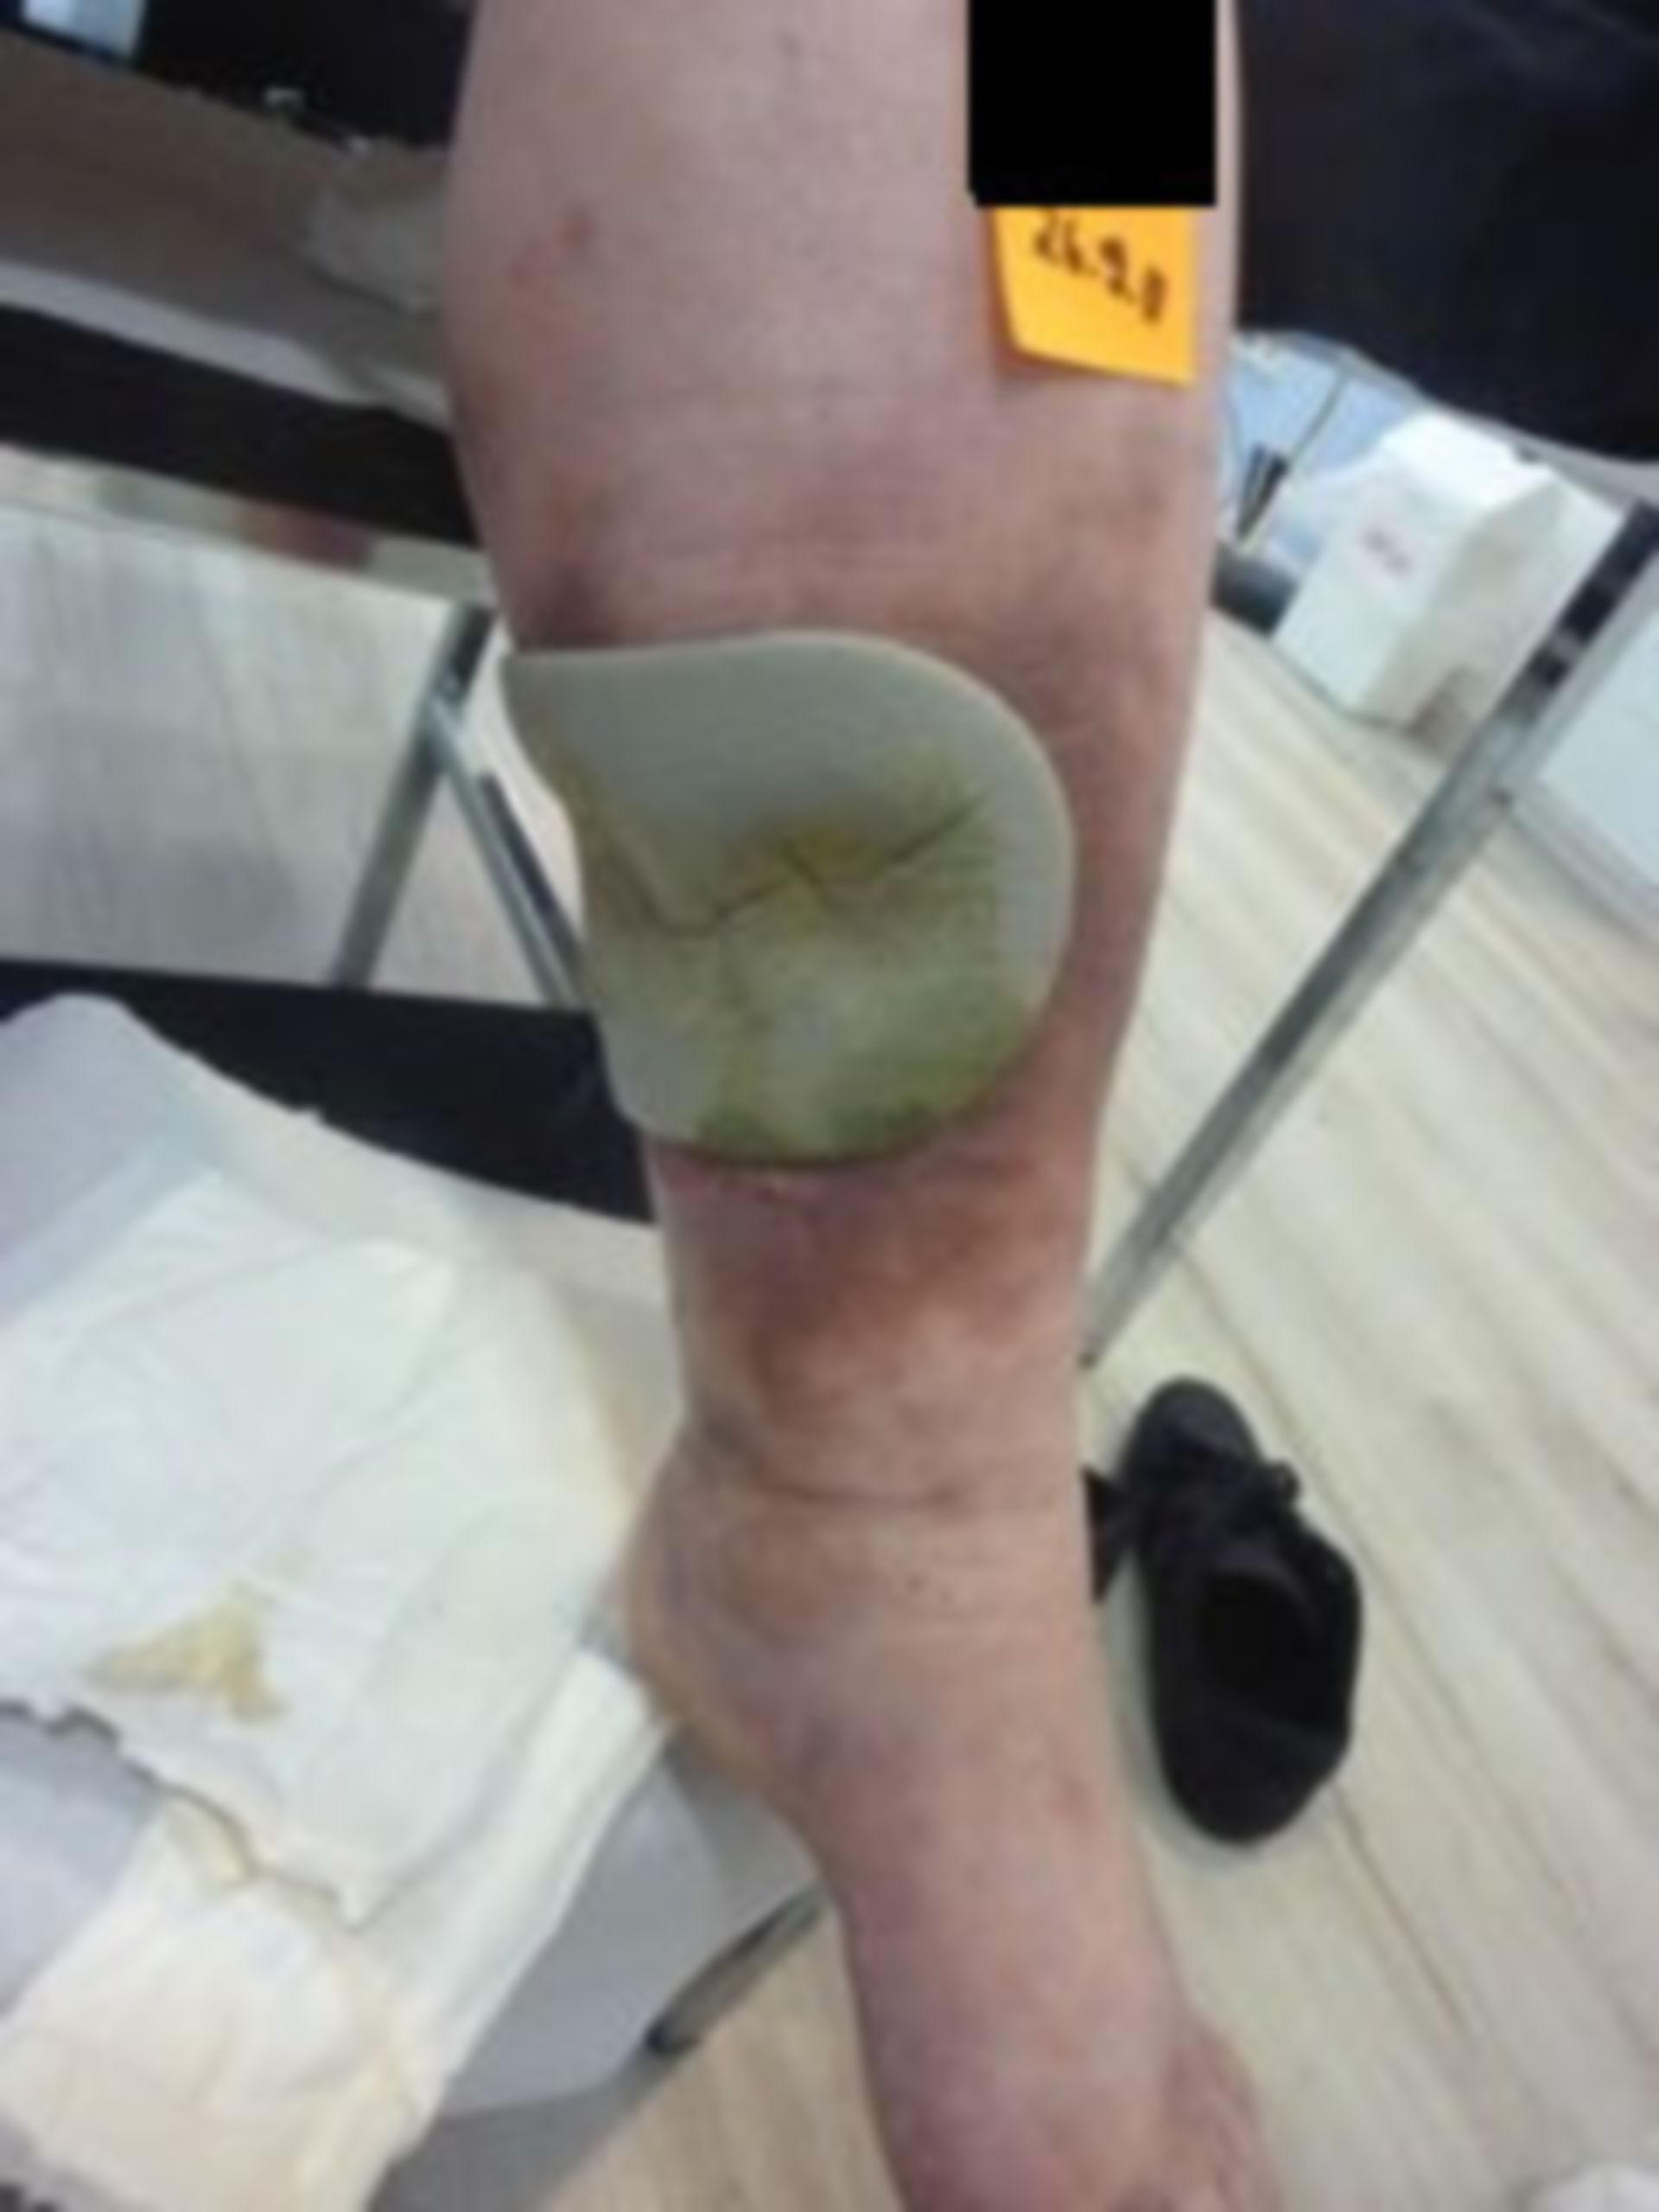 Úlcera de la pierna, abierta por 7 años (8) - cuidado dudoso de heridas